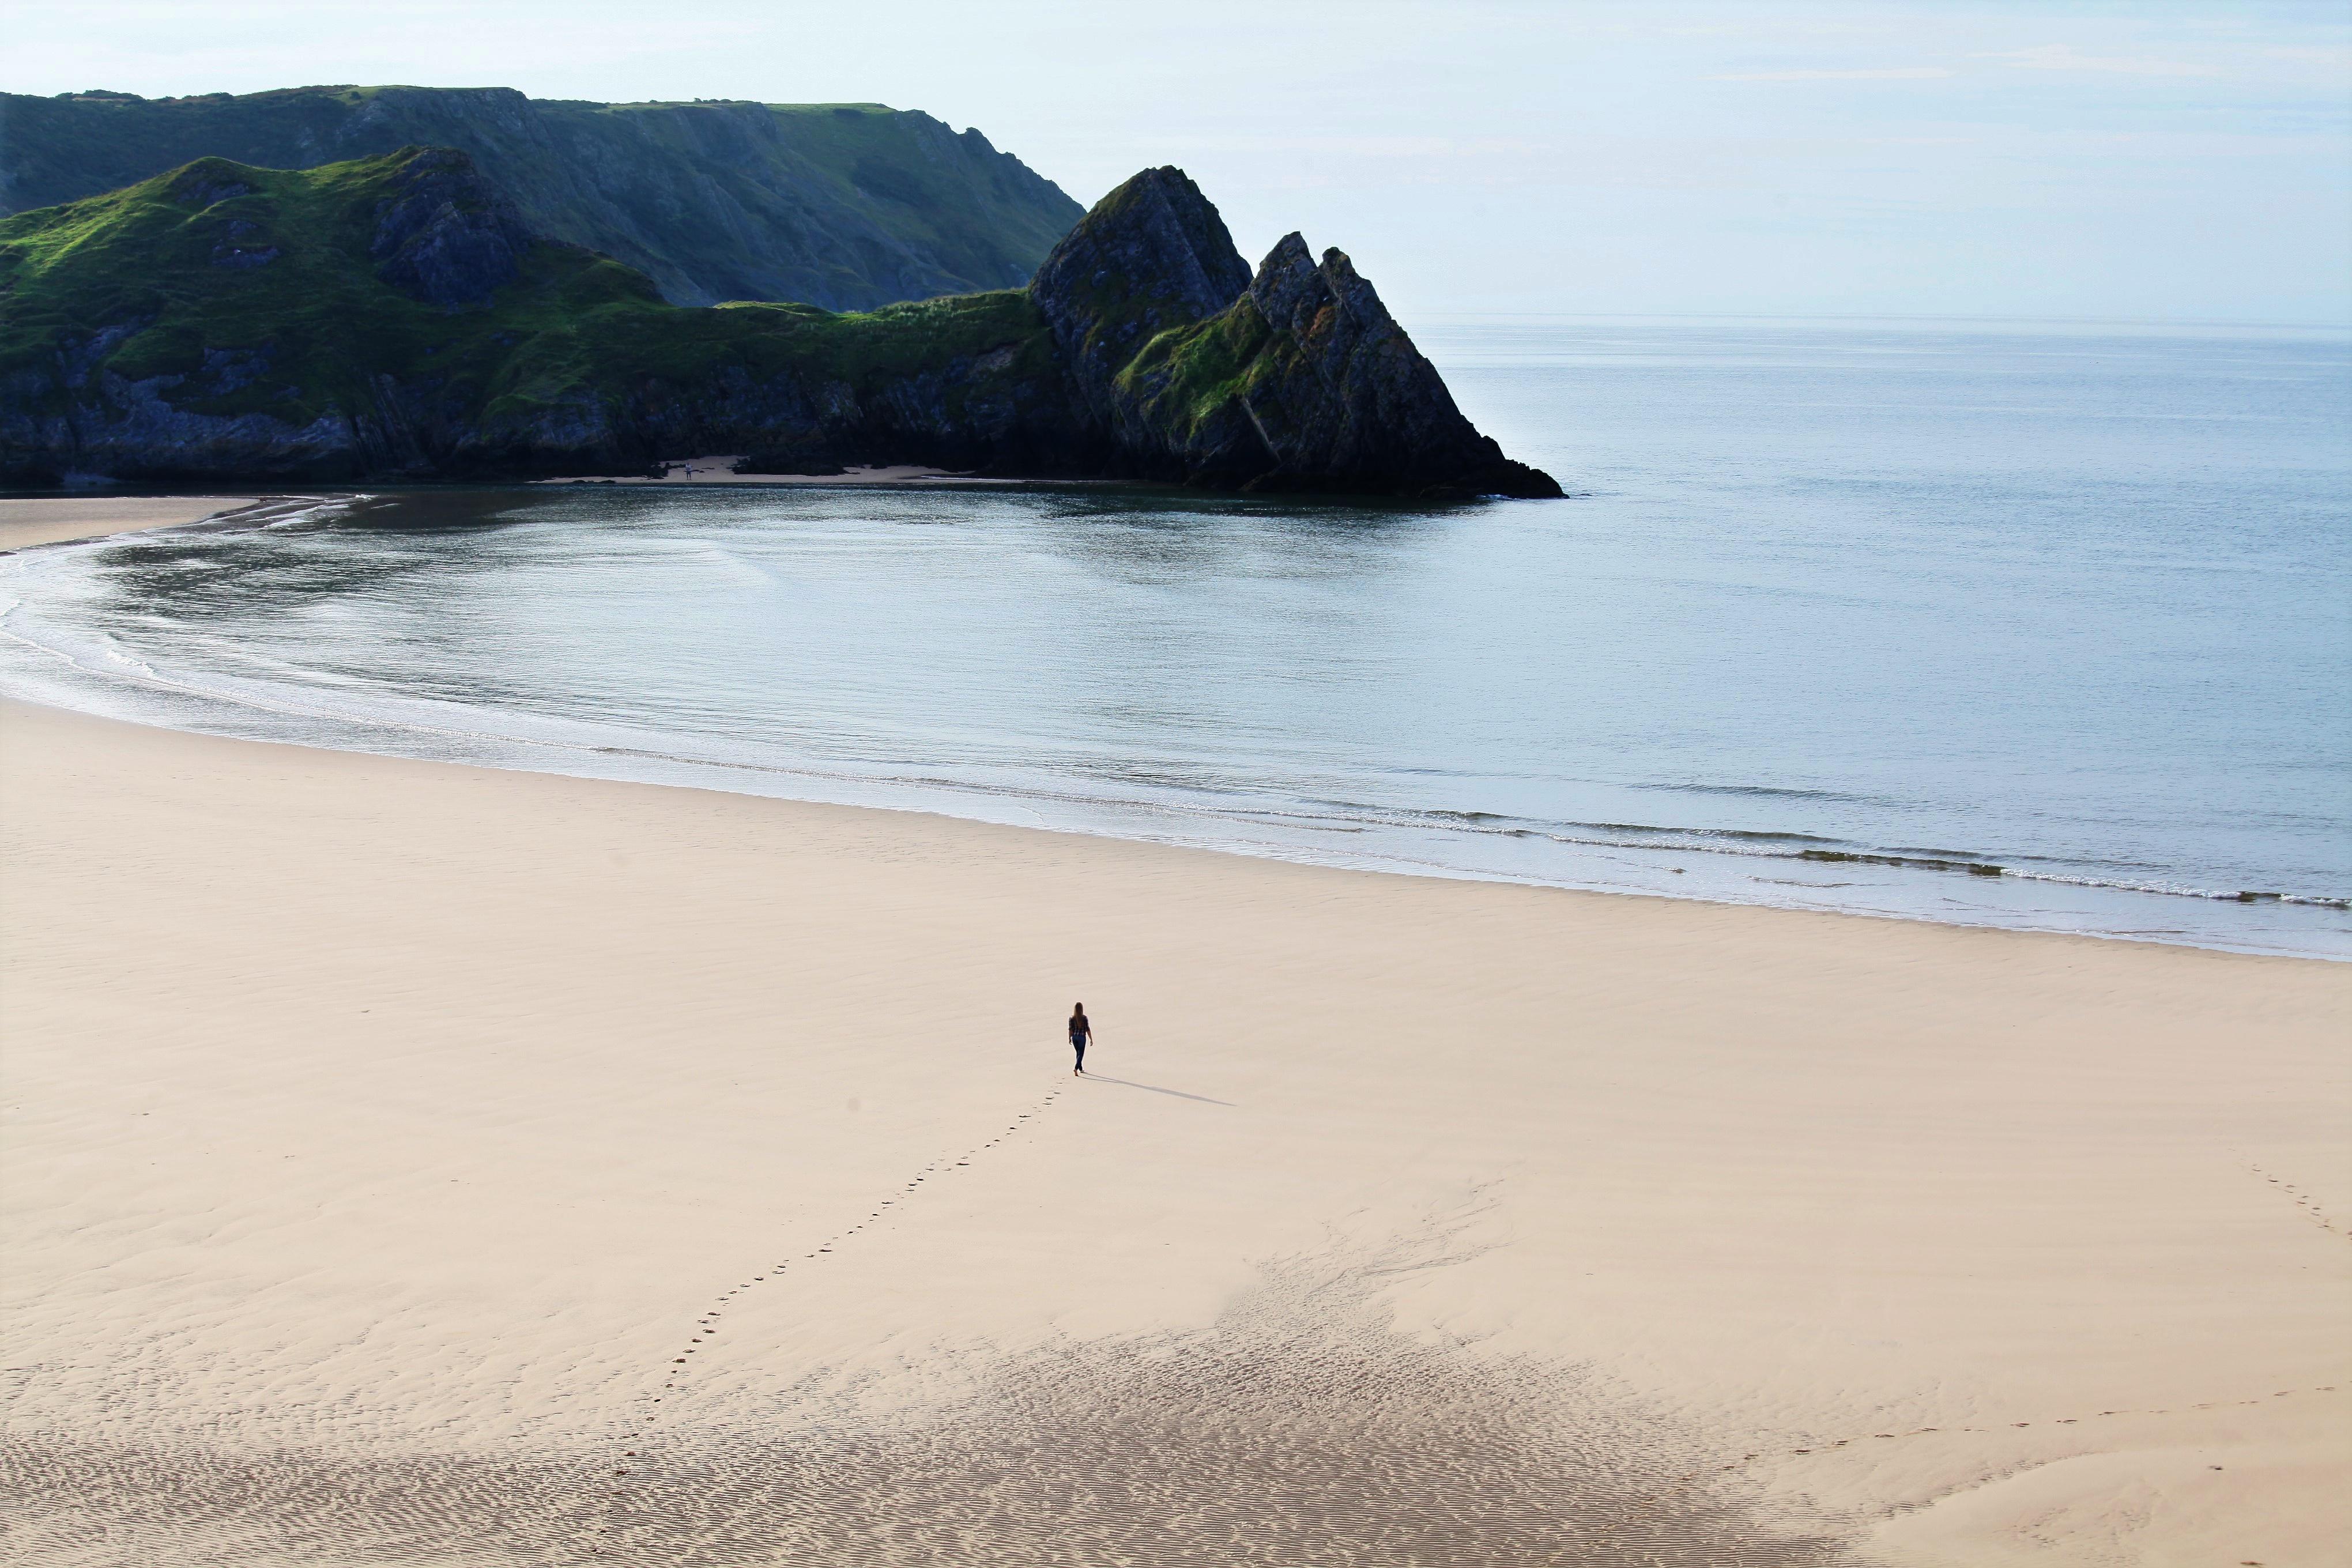 Conhecendo 6 maravilhas do sul do País de Gales